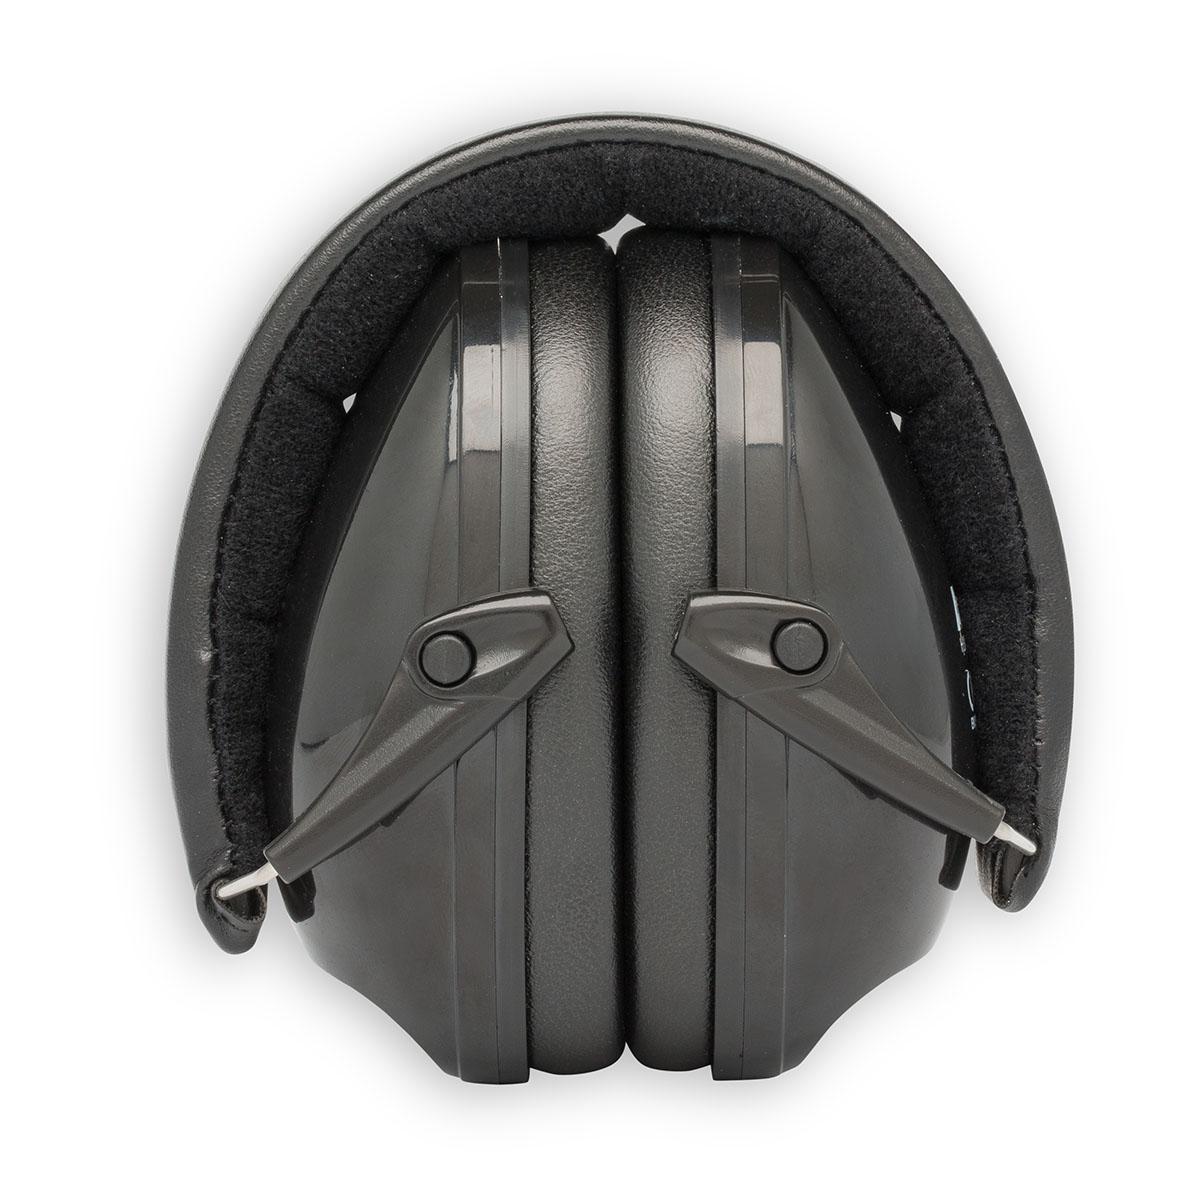 фото 4 - Наушники для взрослых MusicSafe Earmuff